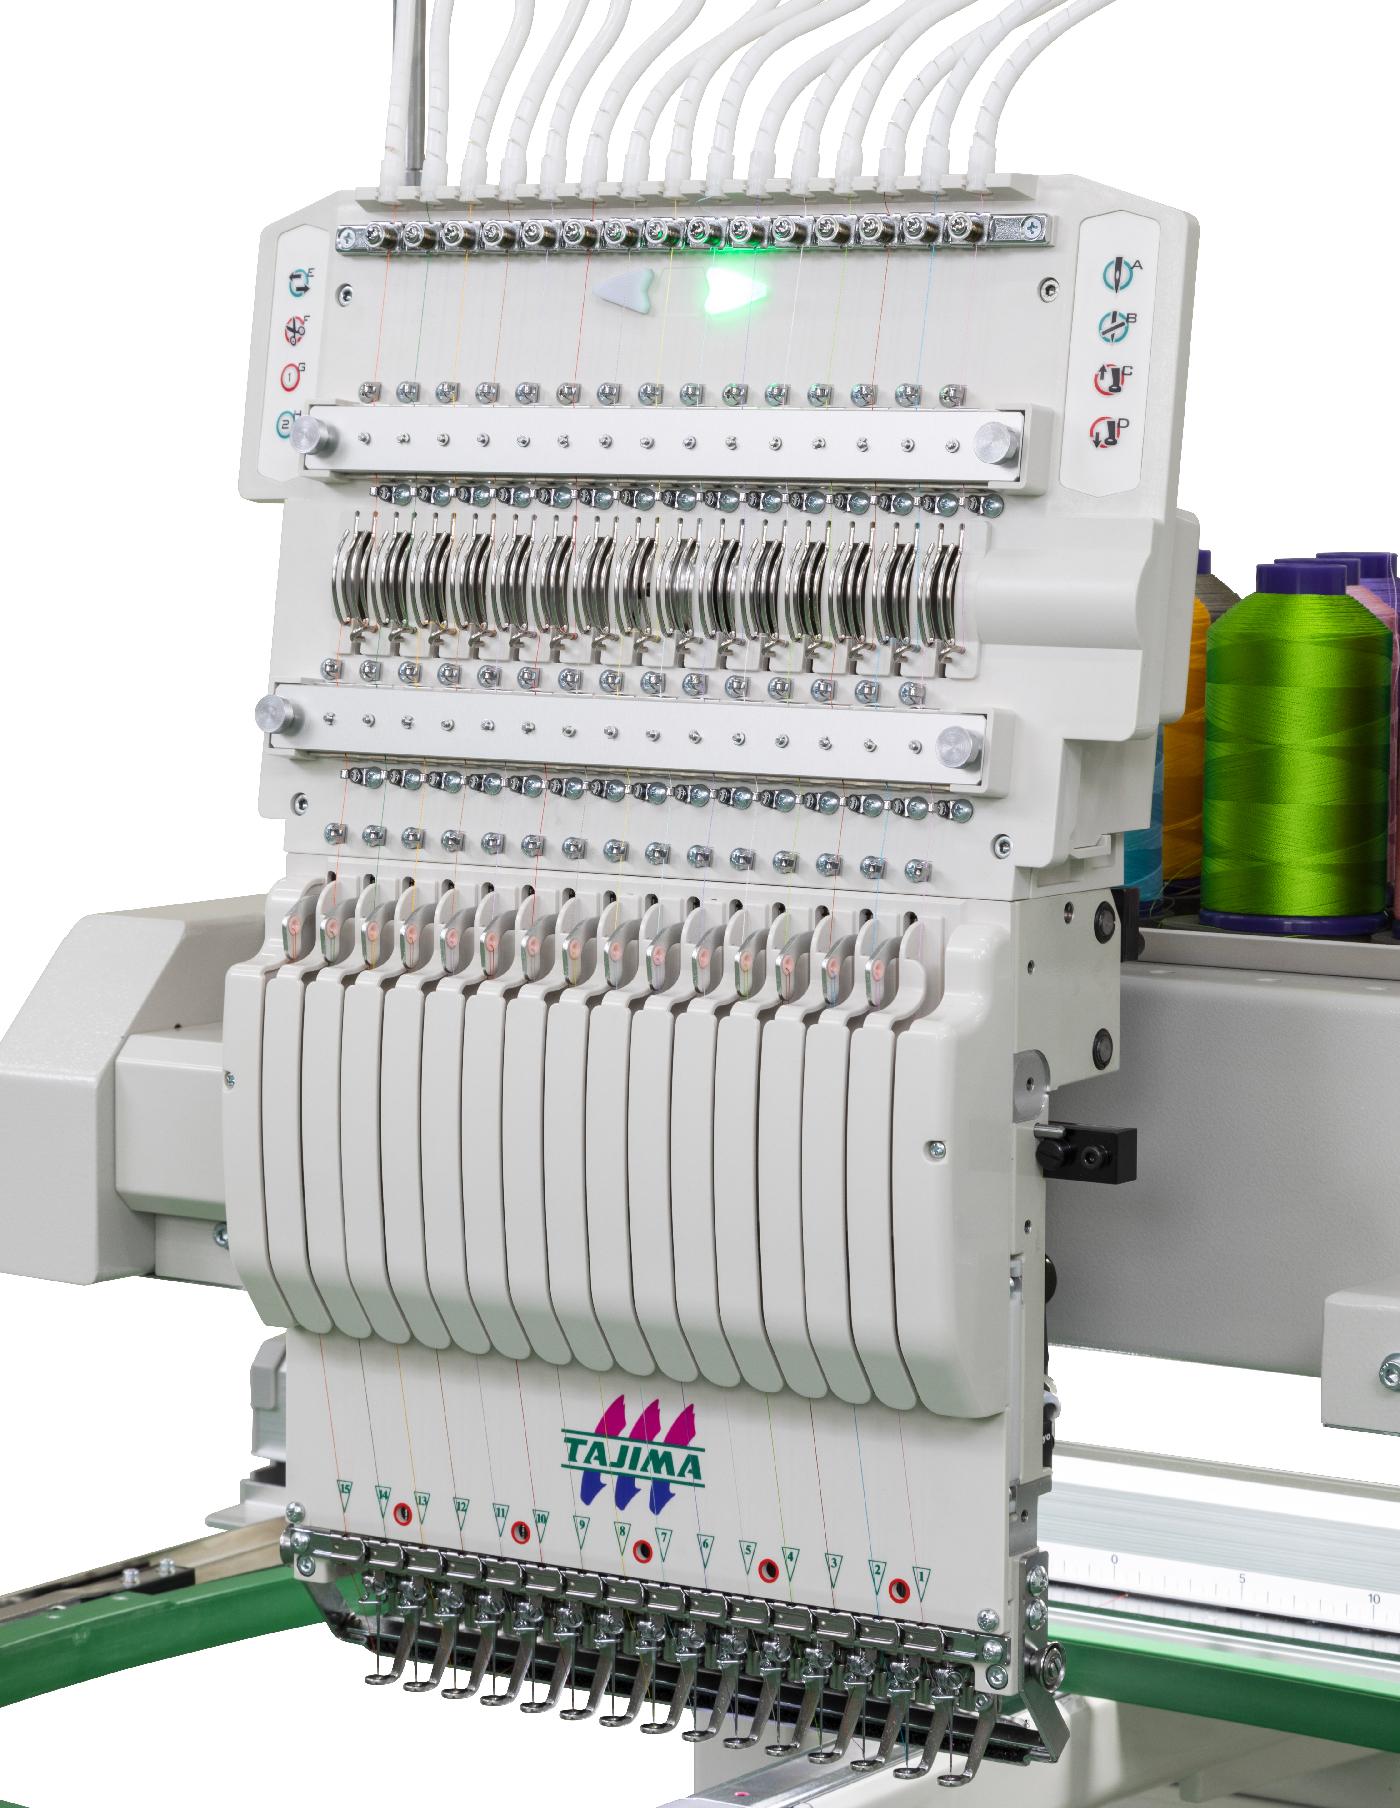 tajima-tension-fil-automatique